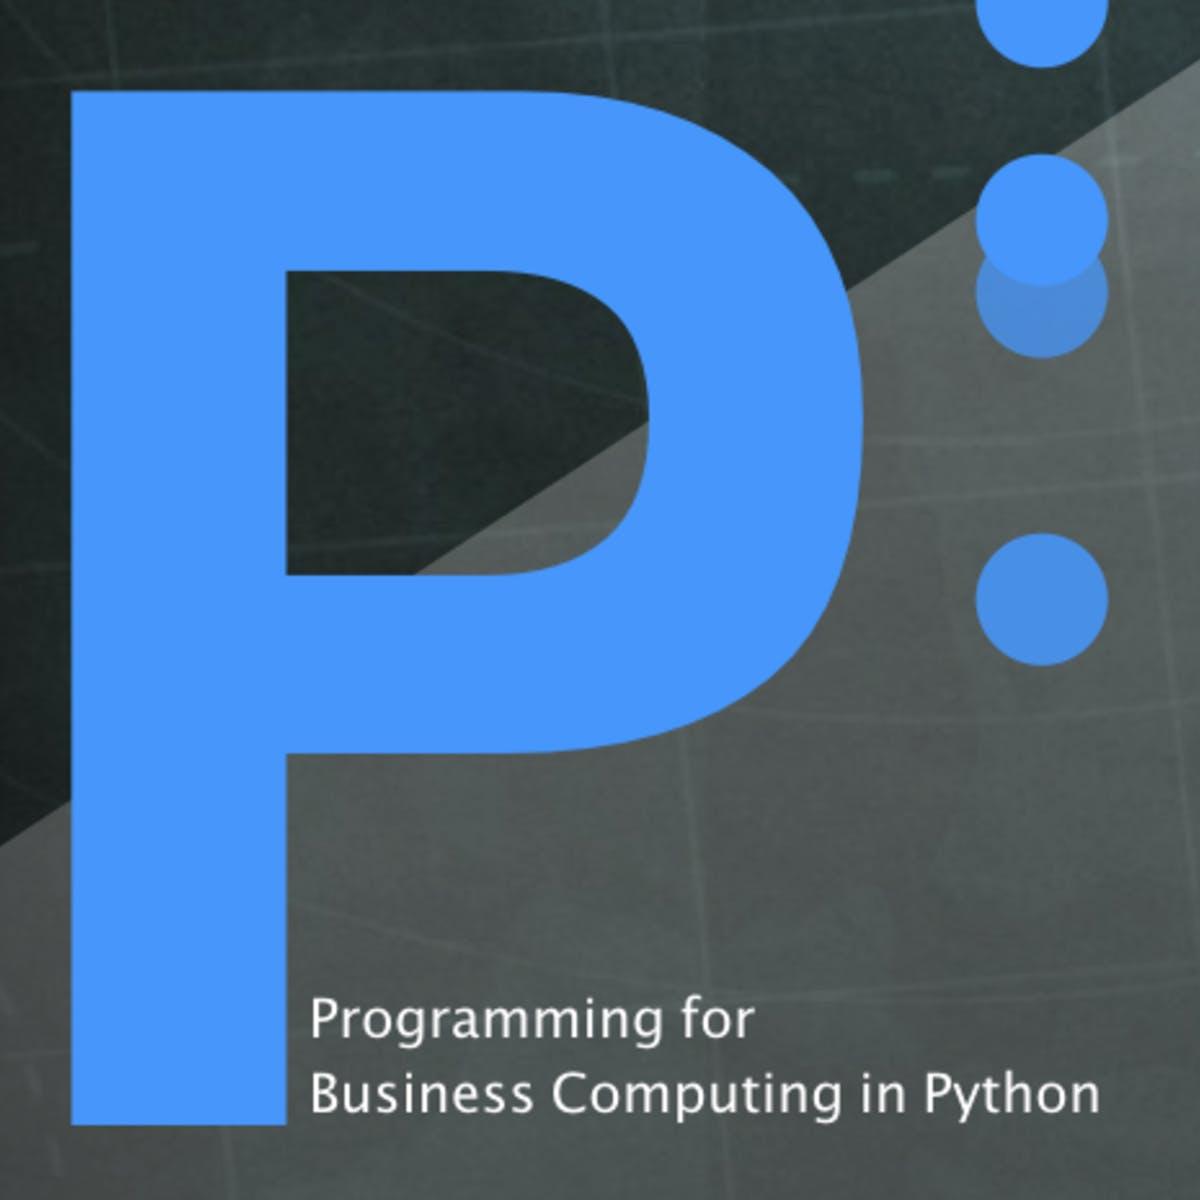 用 Python 做商管程式設計(一)(Programming for Business Computing in Python (1))